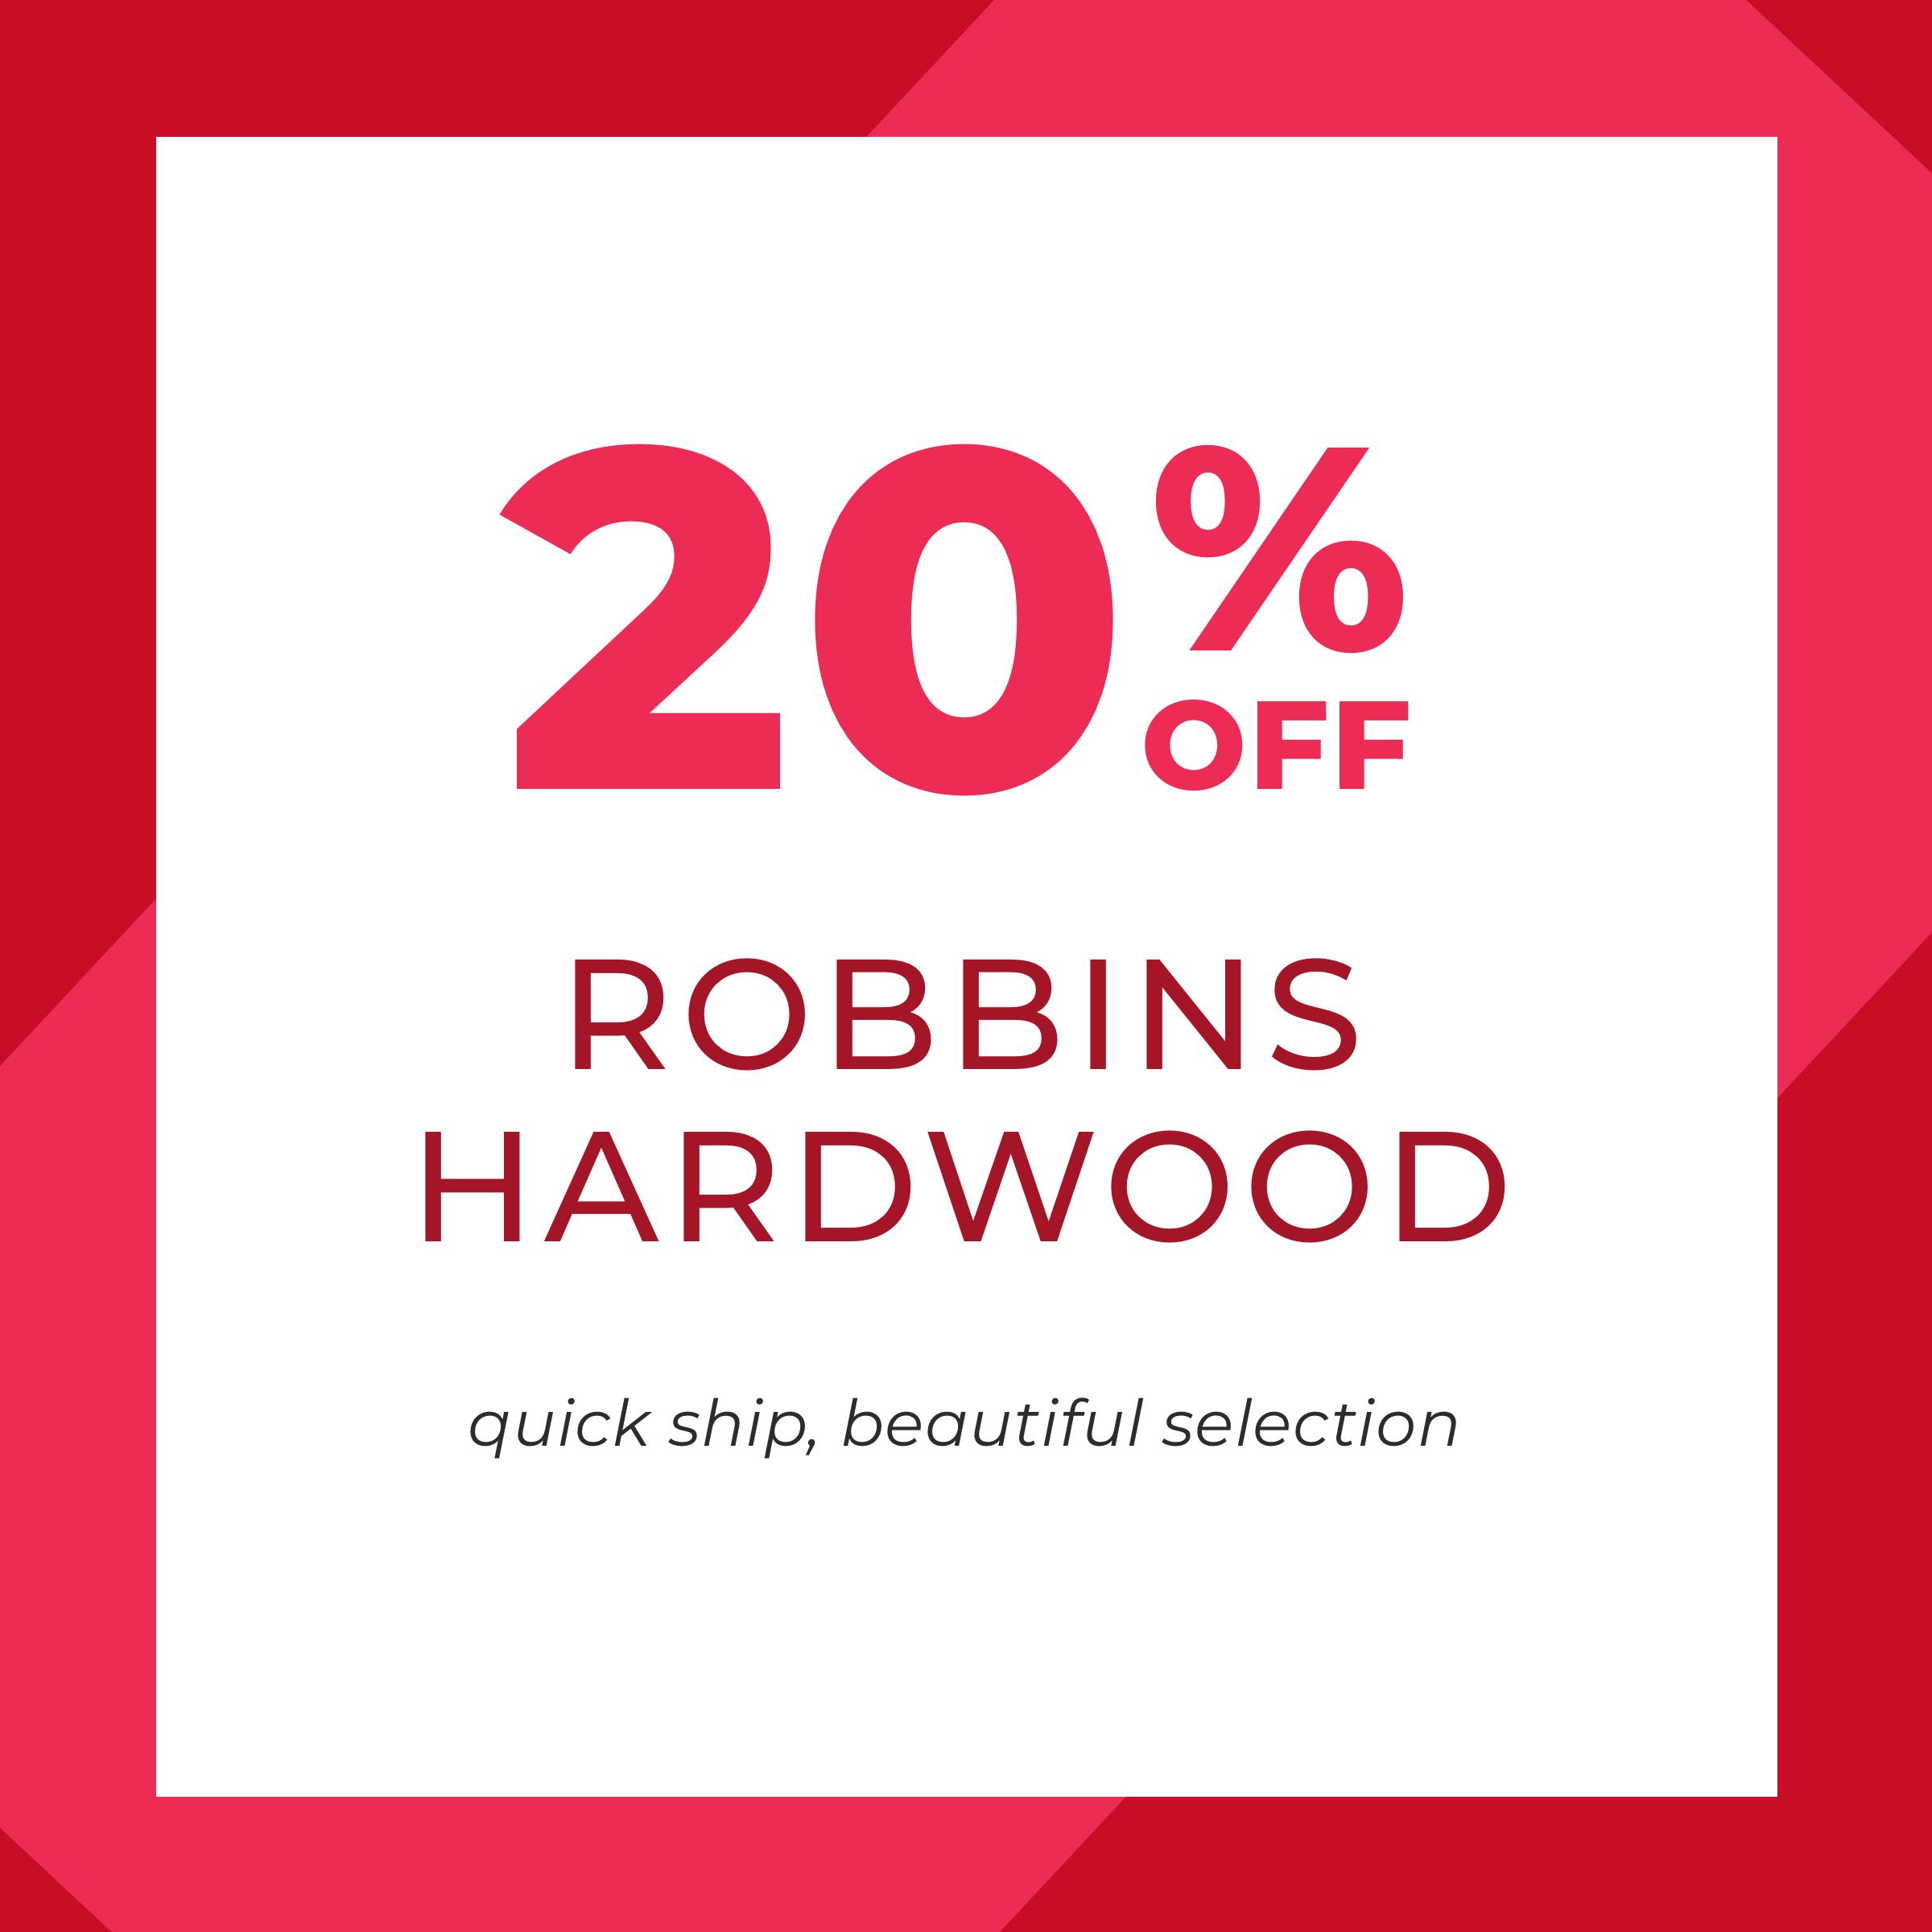 20% off Robbins Hardwood